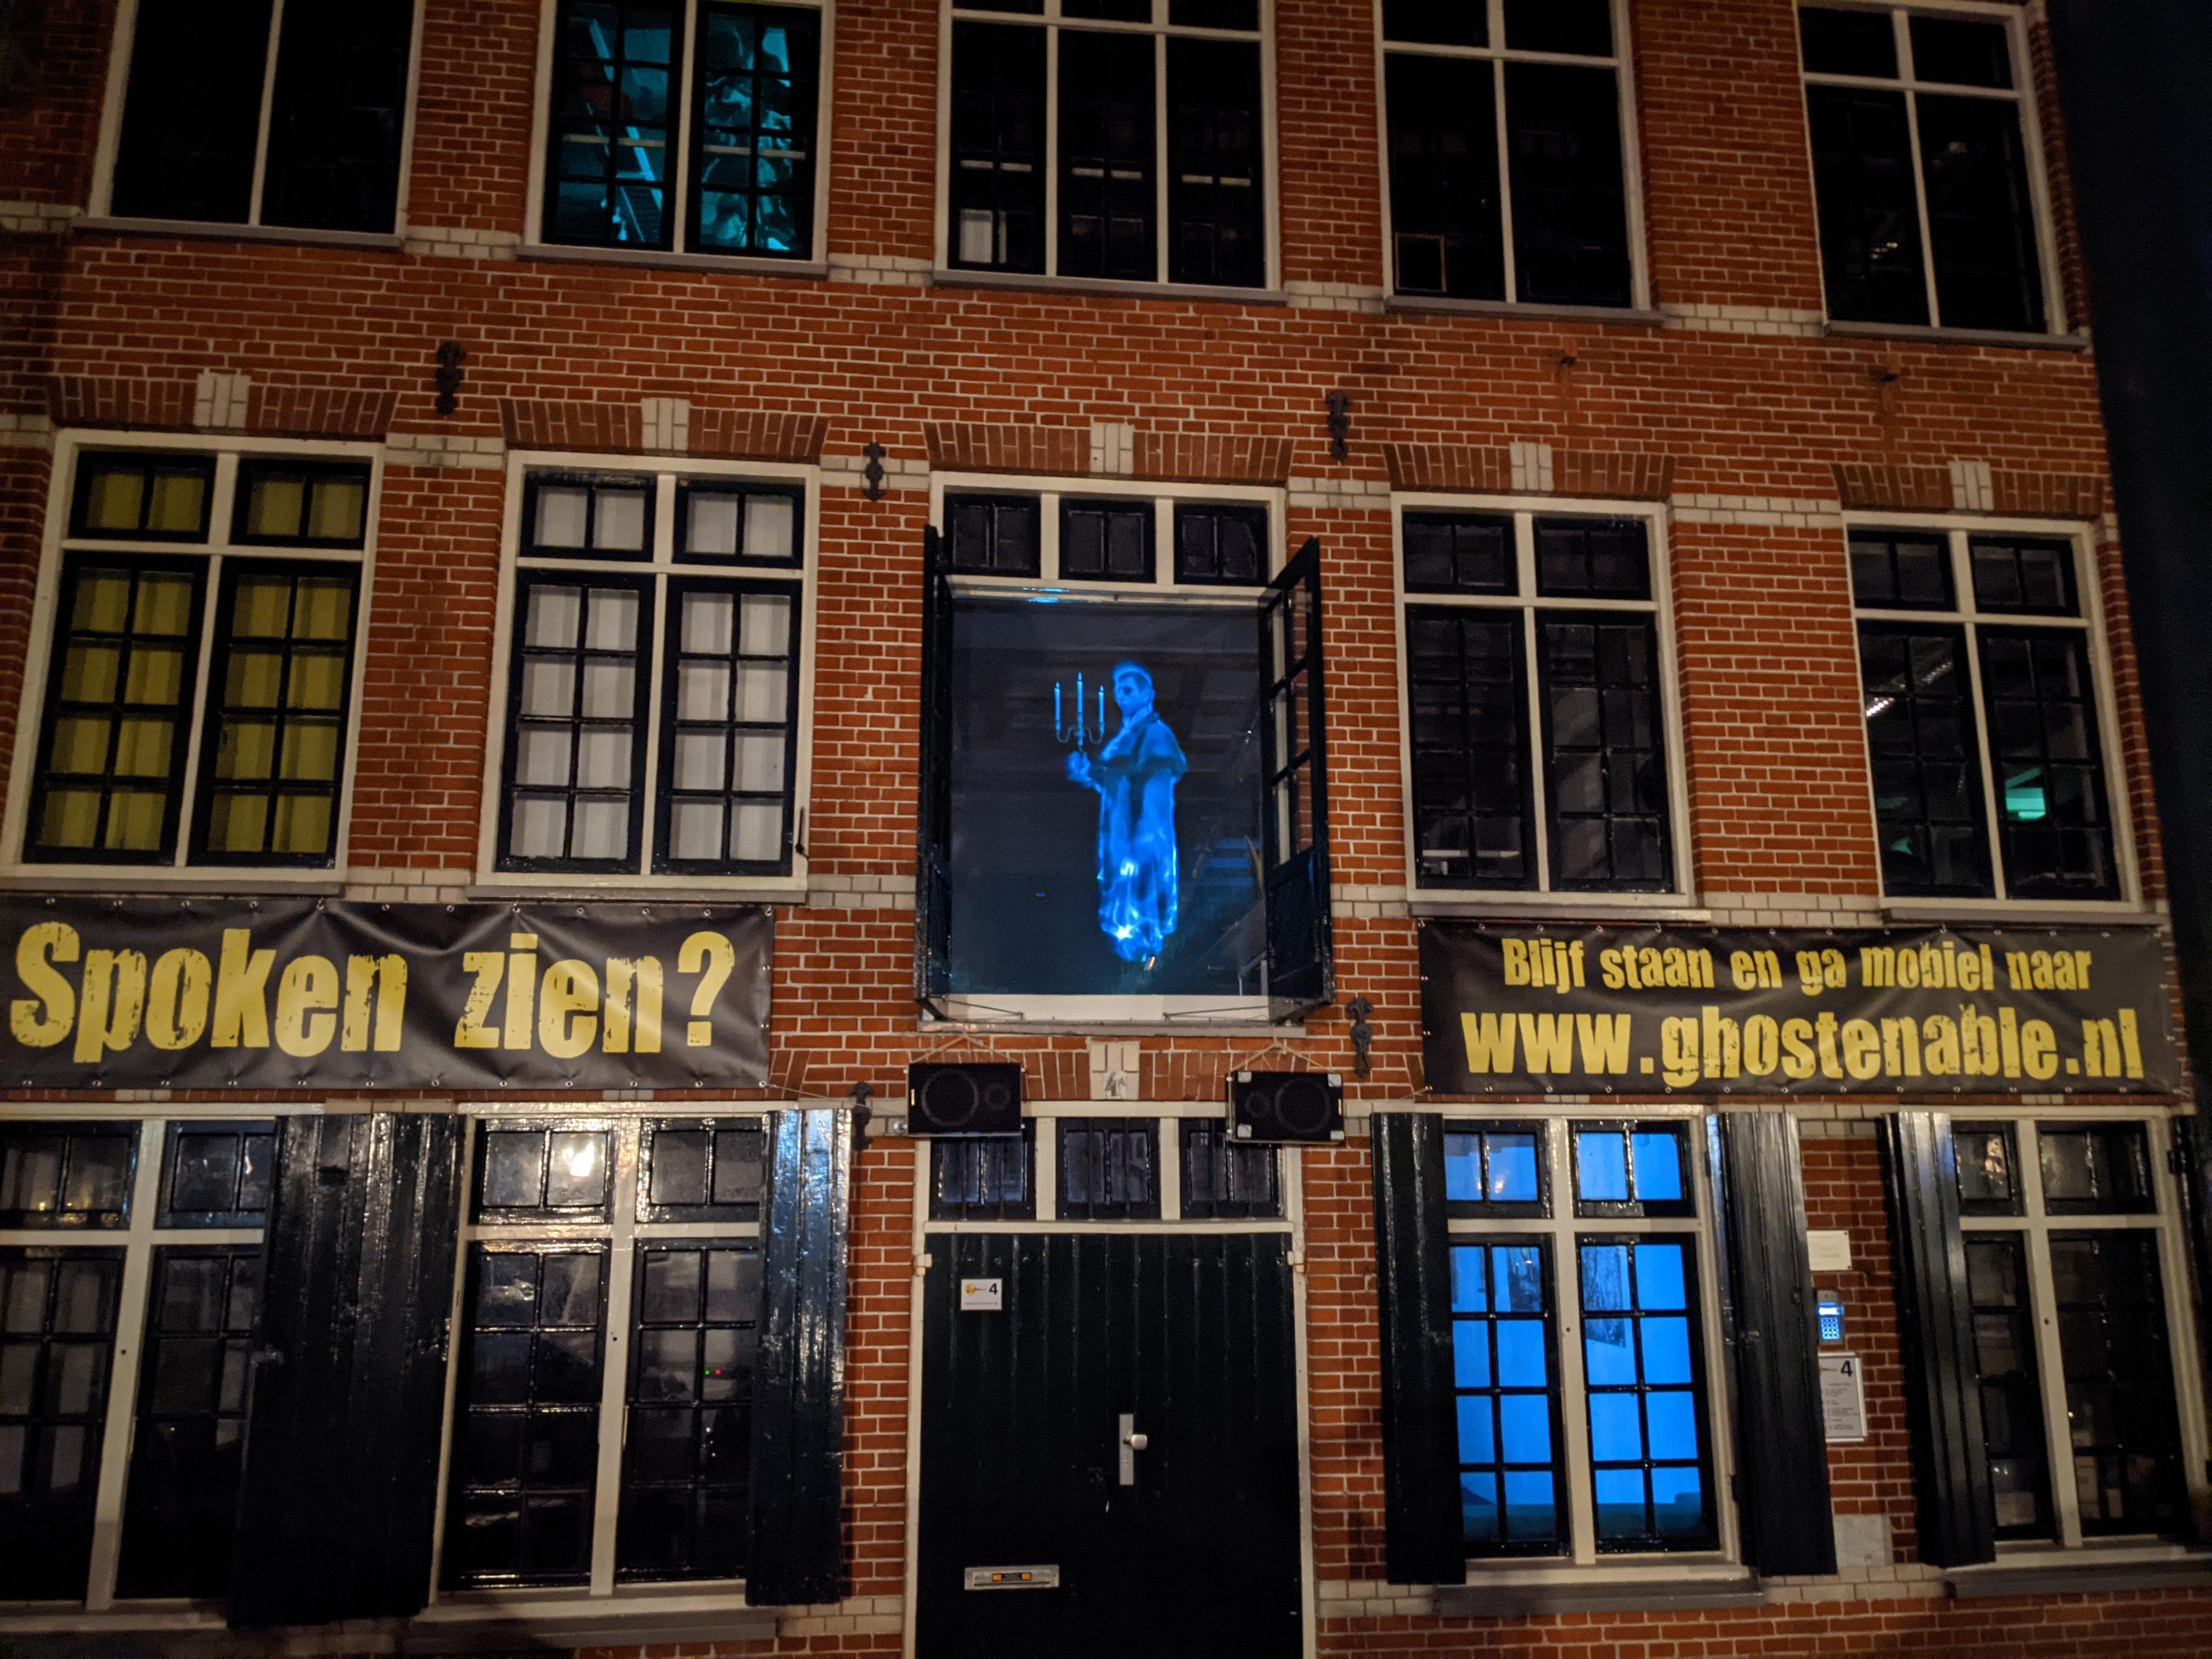 Coronaproof griezelen aan de Bierkade in Hoorn. Met één druk op de knop komen de spoken tevoorschijn [video]